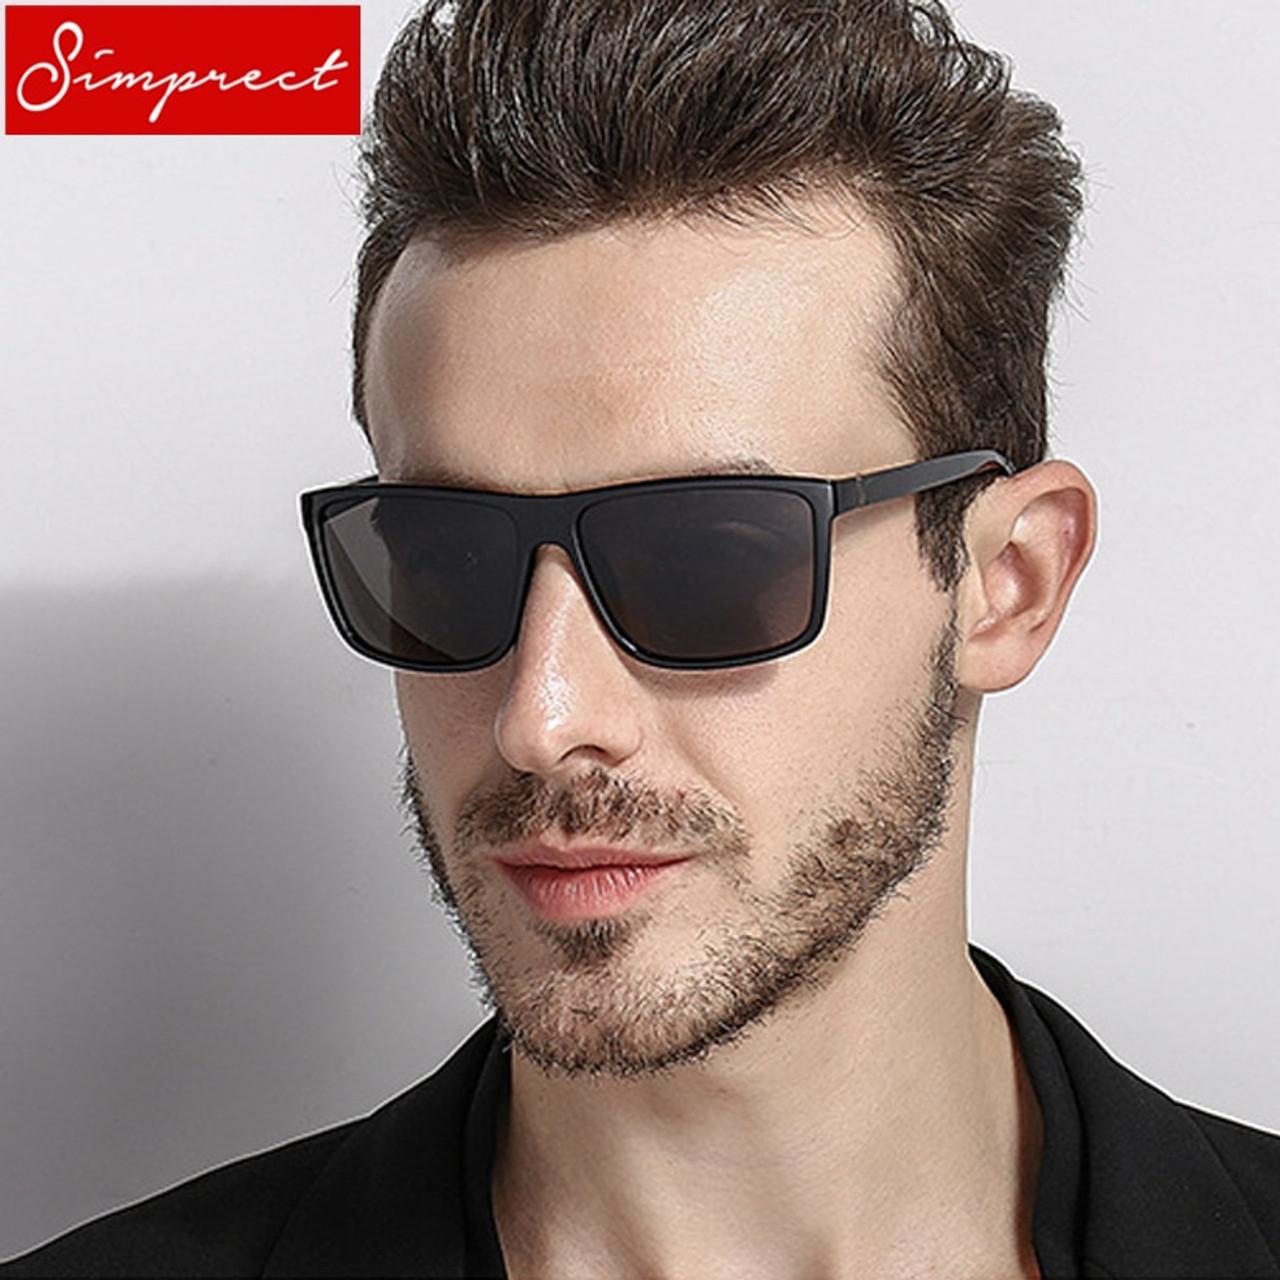 89ad2e10ccd SIMPRECT 2019 Square Polarized Sunglasses Men UV400 High Quality Driving  Mirror Sun Glasses Vintage Lunette De Soleil Homme - OnshopDeals.Com